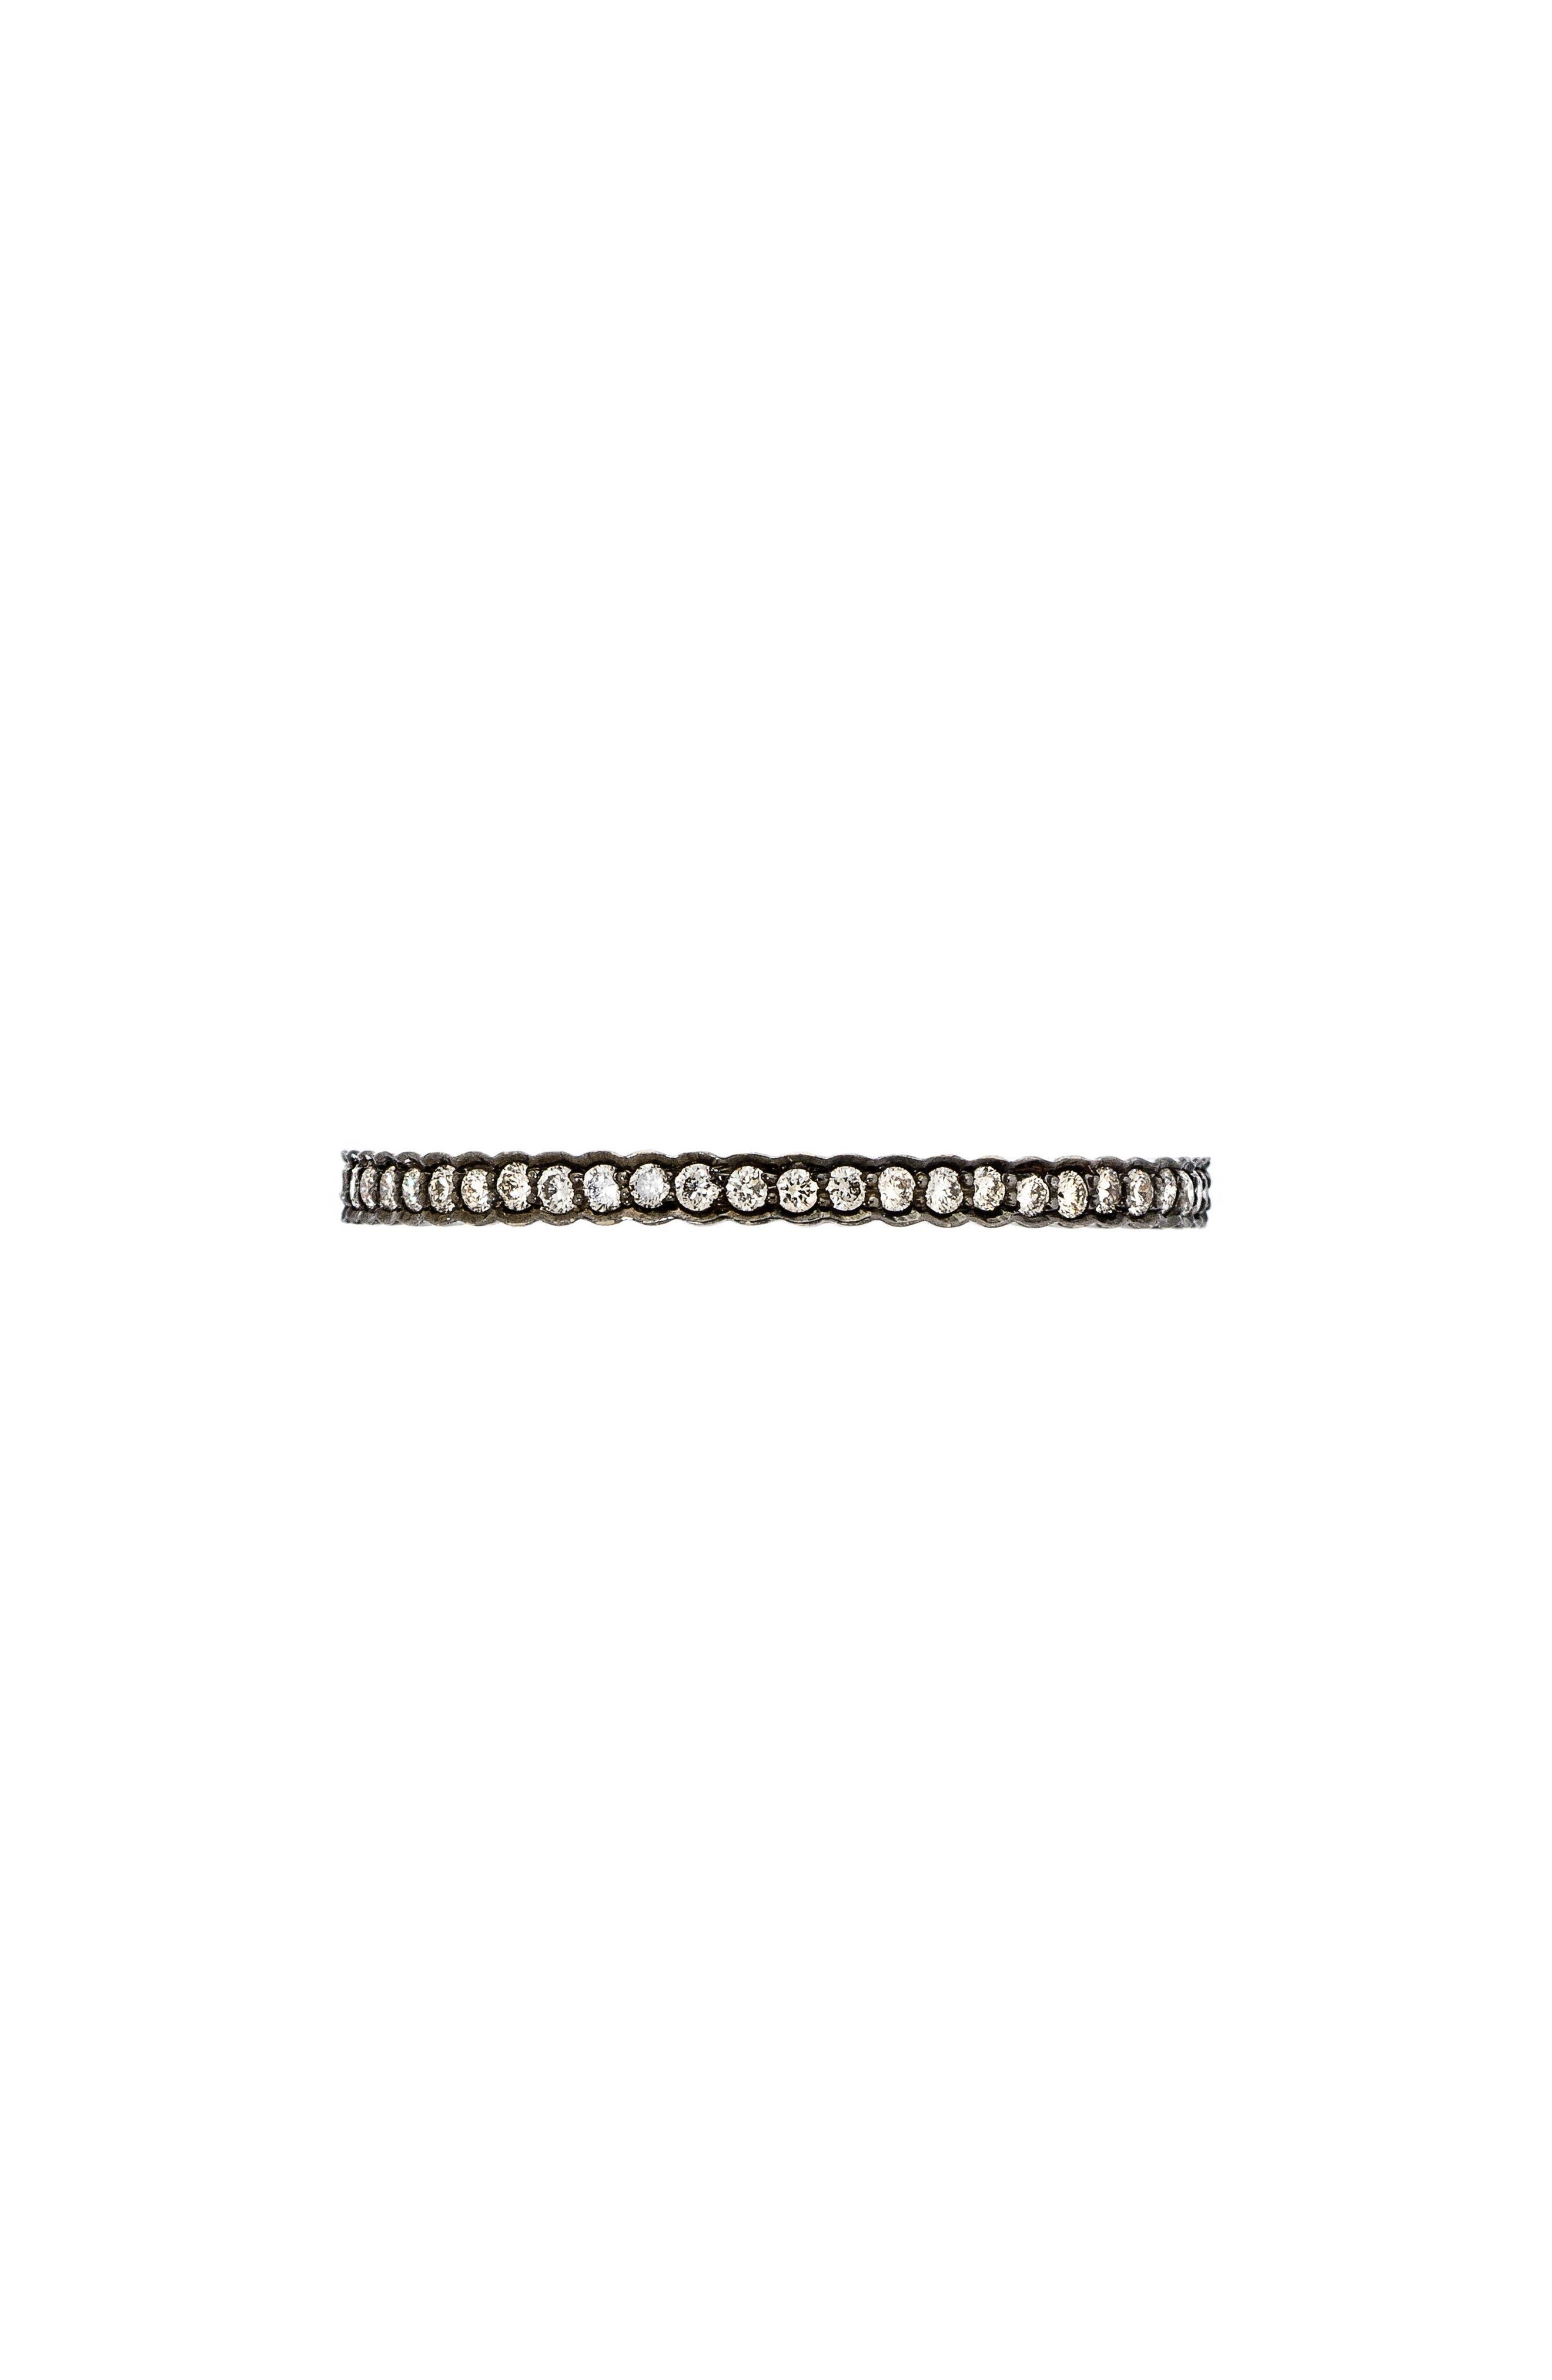 SETHI COUTURE BLACK RHODIUM DIAMOND STACKING RING